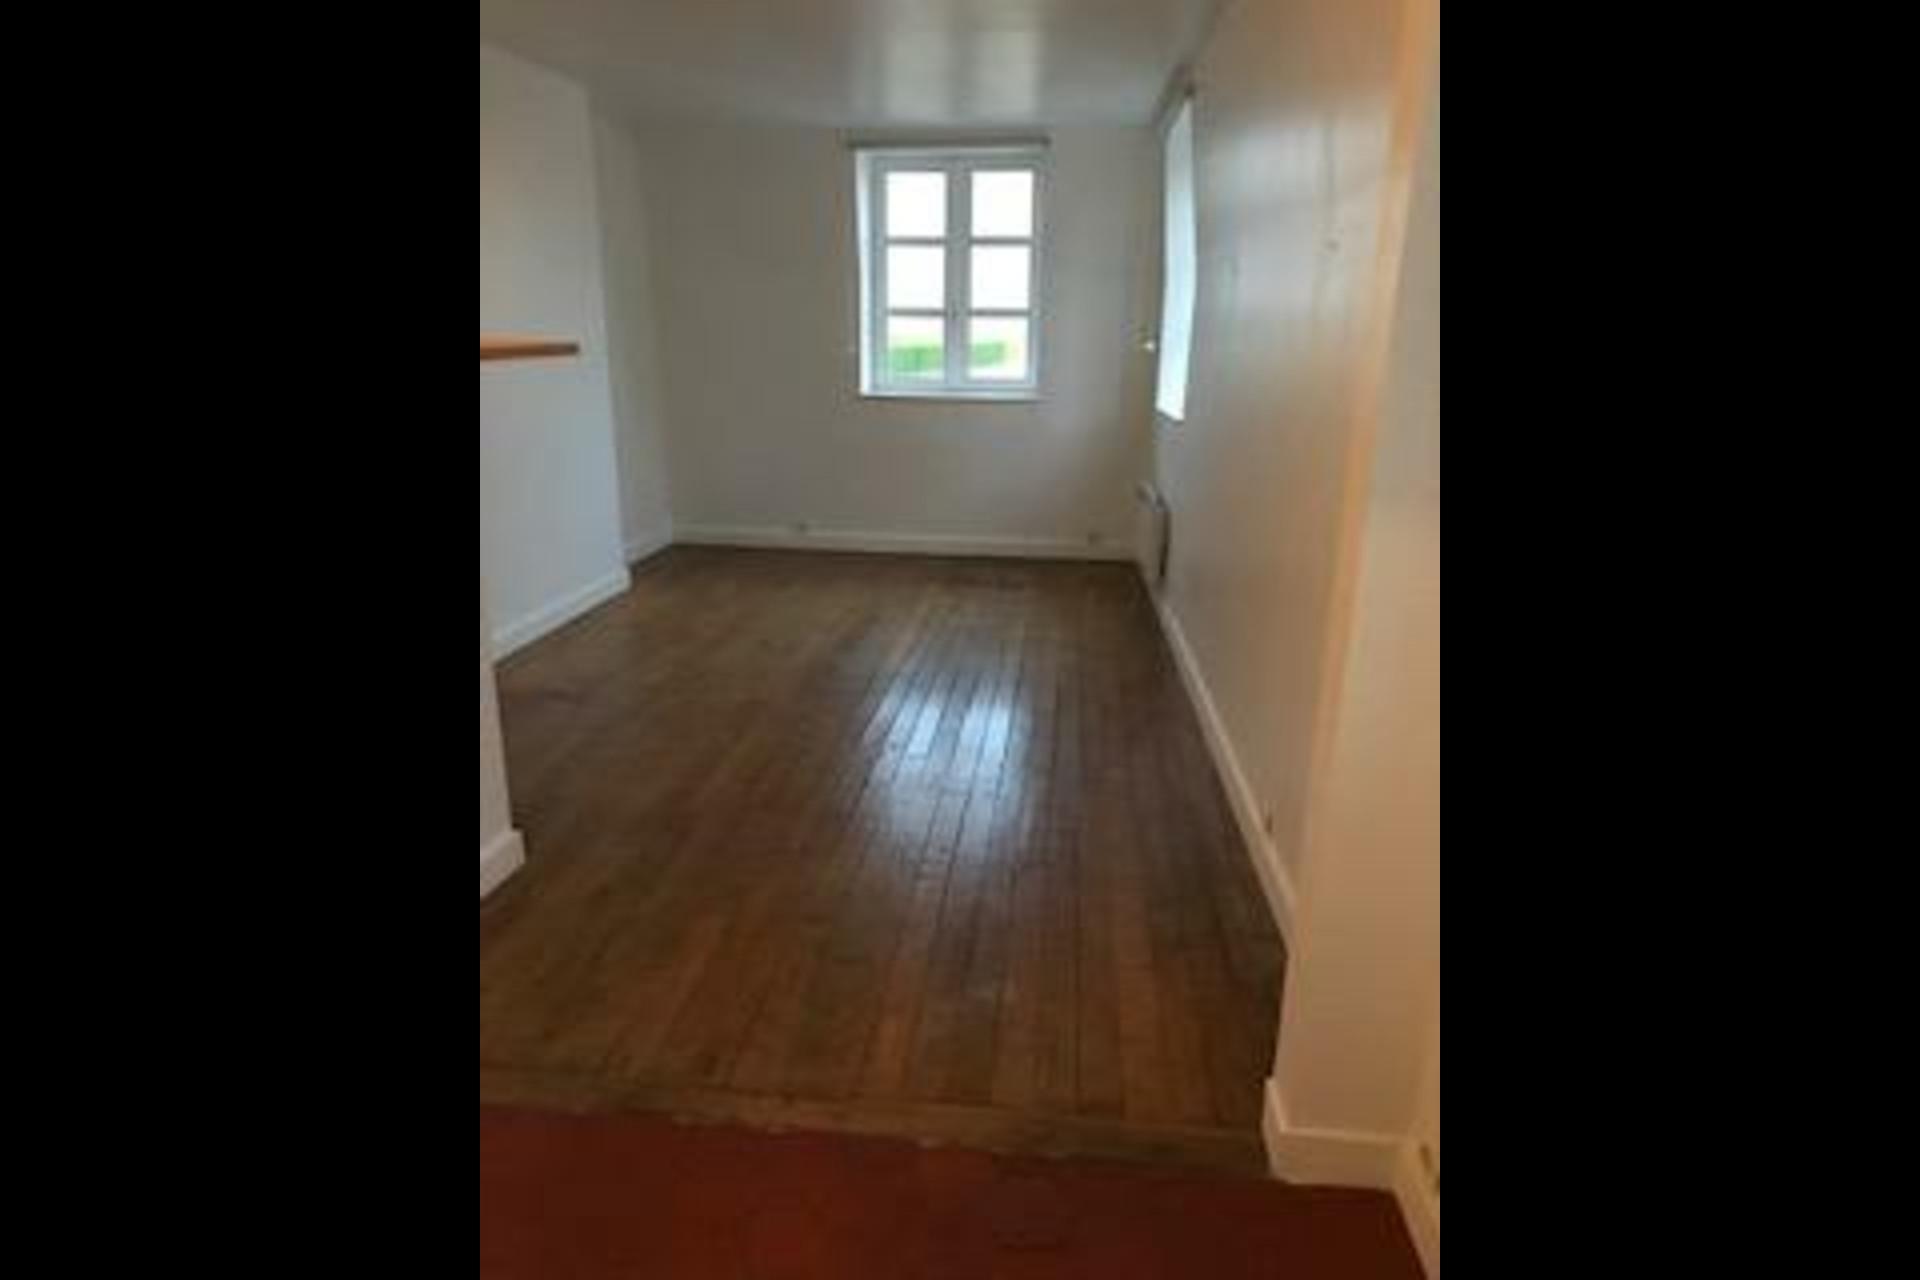 image 2 - Appartement À louer saint germain en laye - 1 pièce